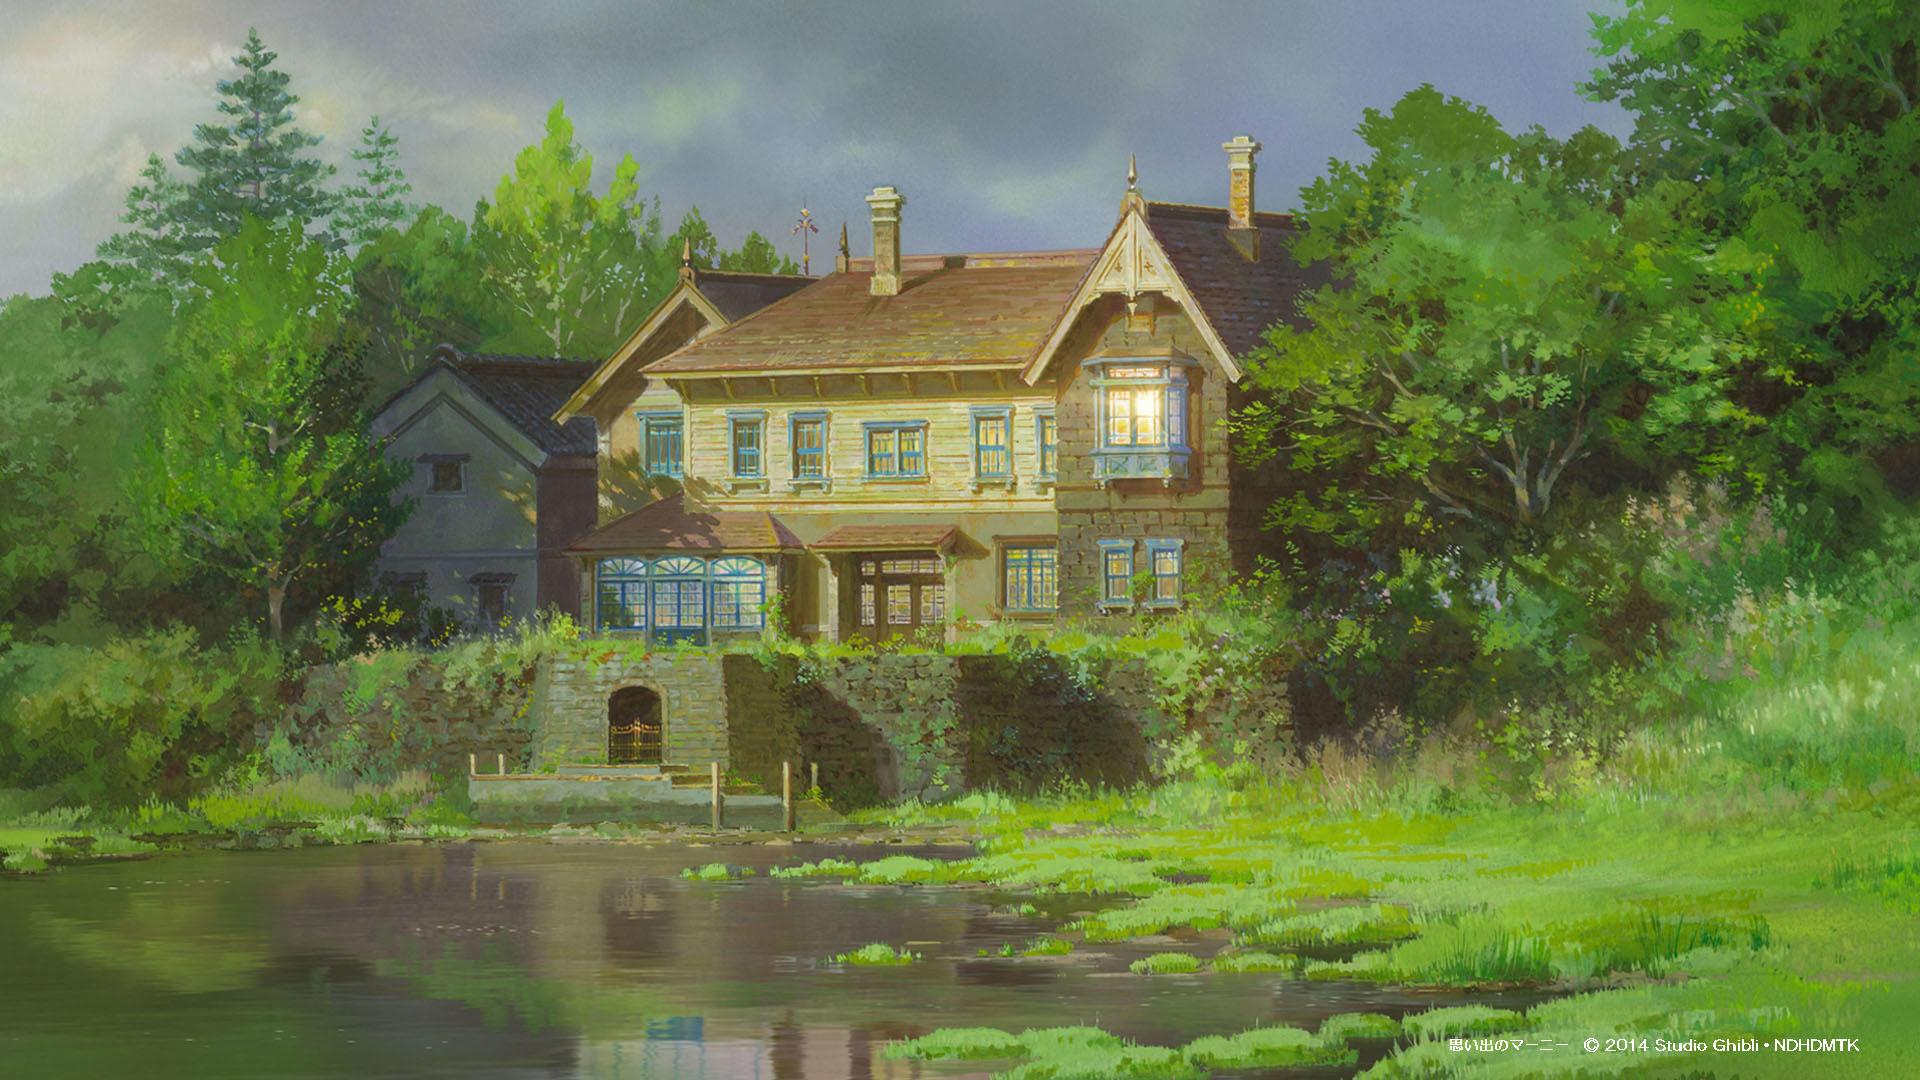 El recuerdo de Marnie (2014). Estudios Ghibli.